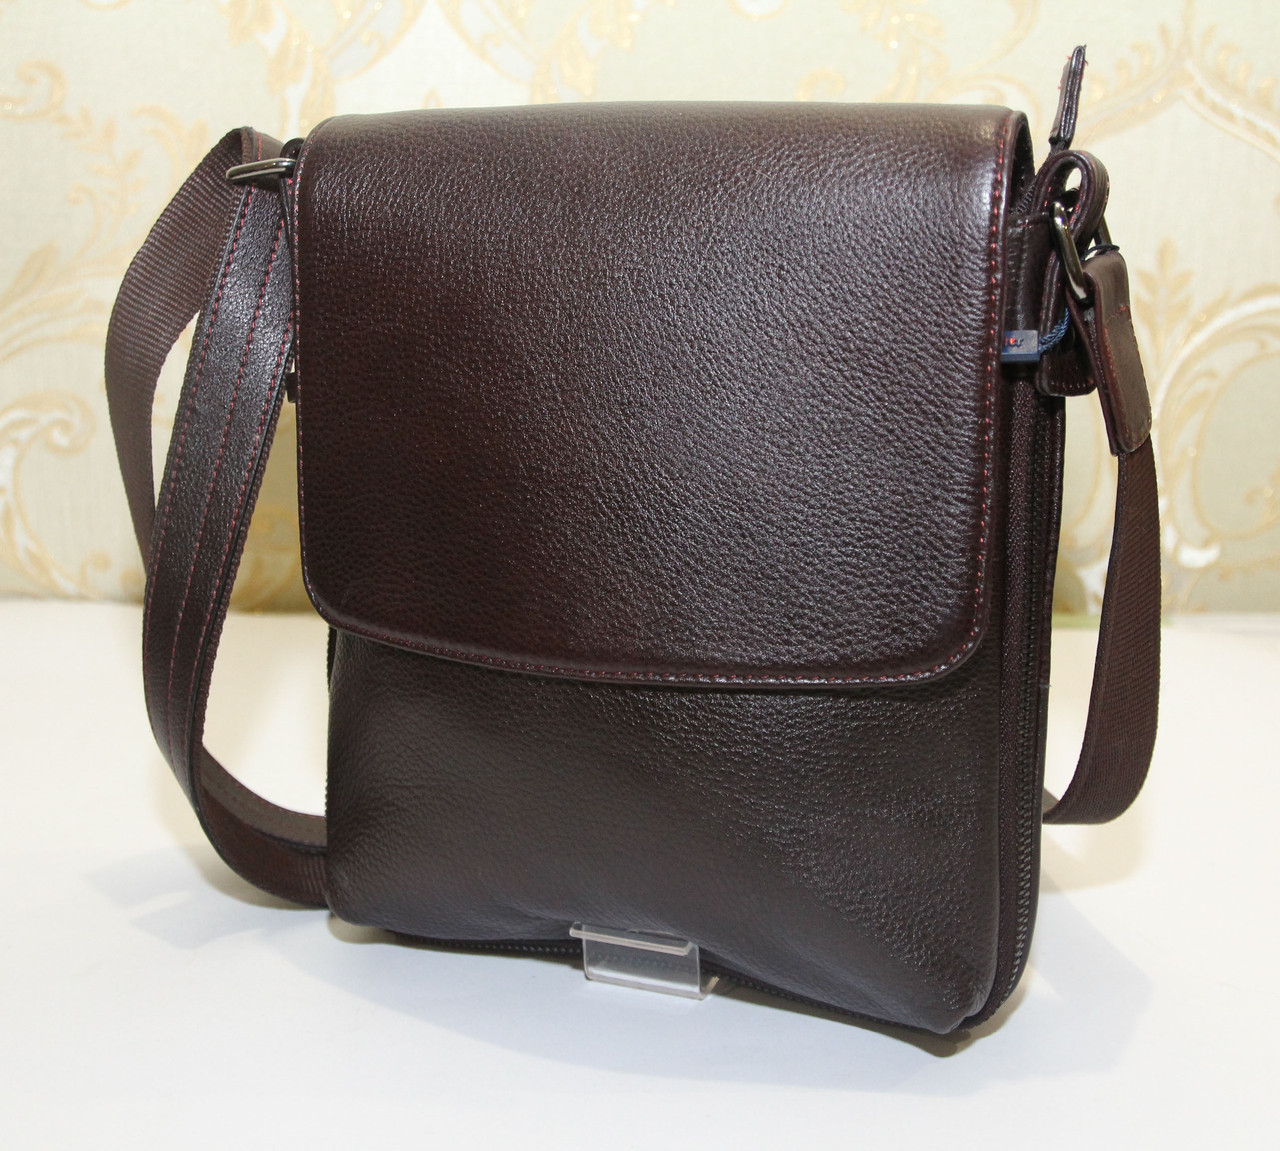 e4629caea52c Мужская сумка из натуральной кожи бренд Chester (10958) - Интернет-магазин  «Твой